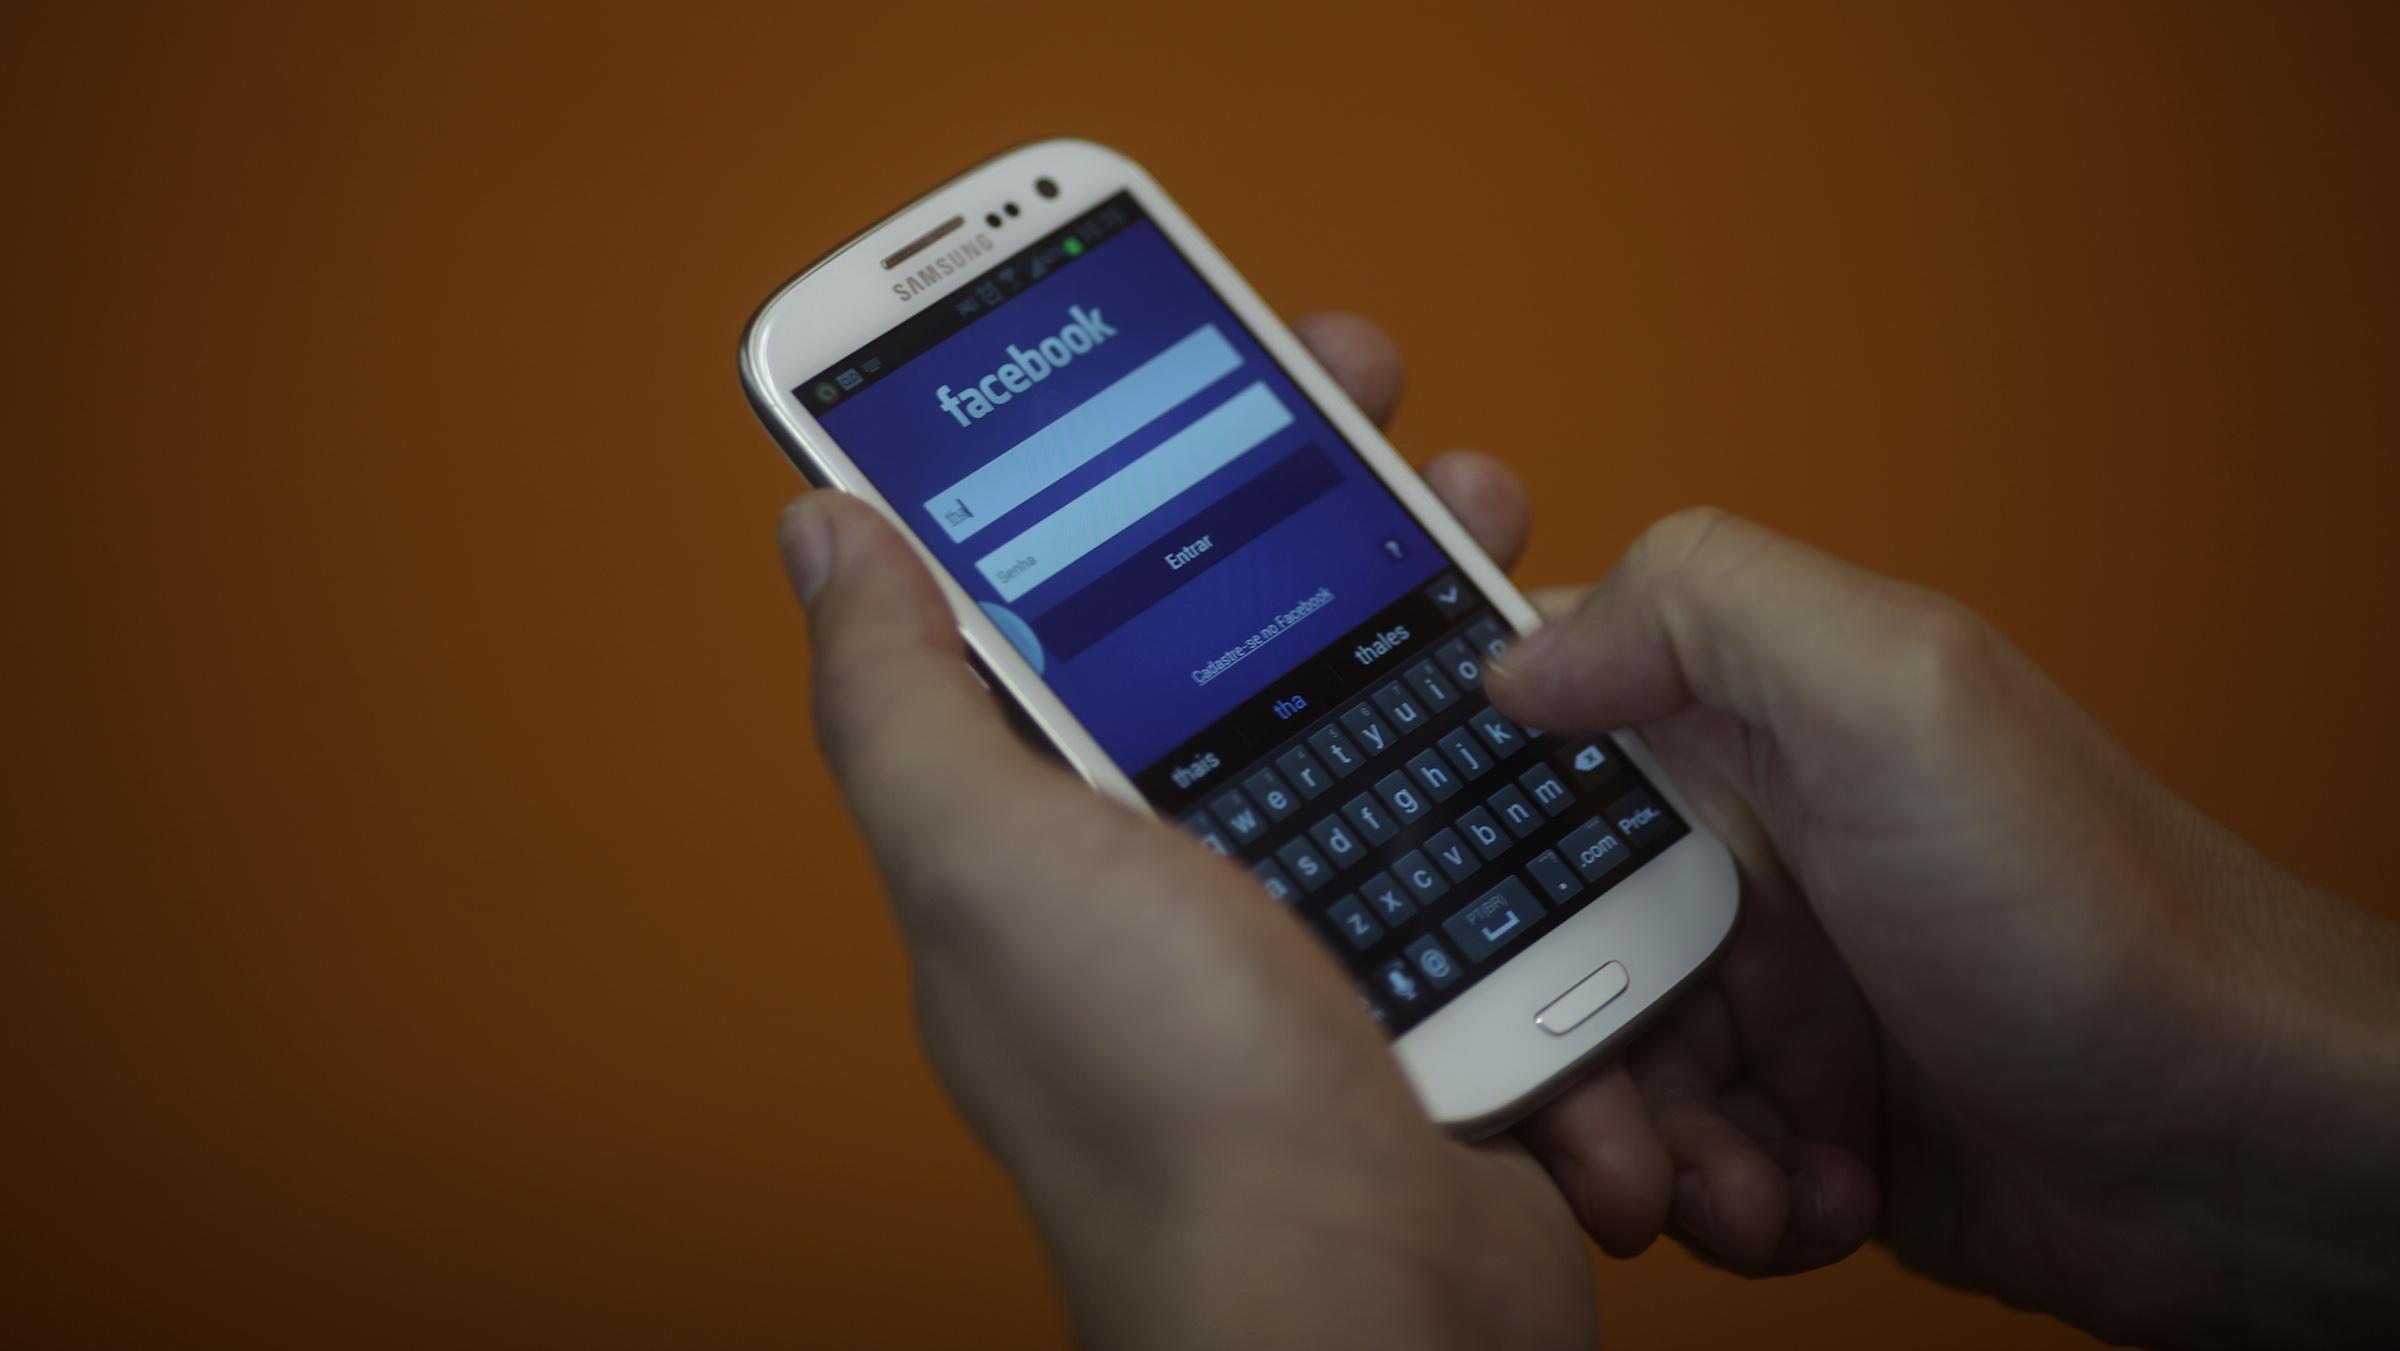 A smartphone user logs into his Facebook account in Rio de Janeiro